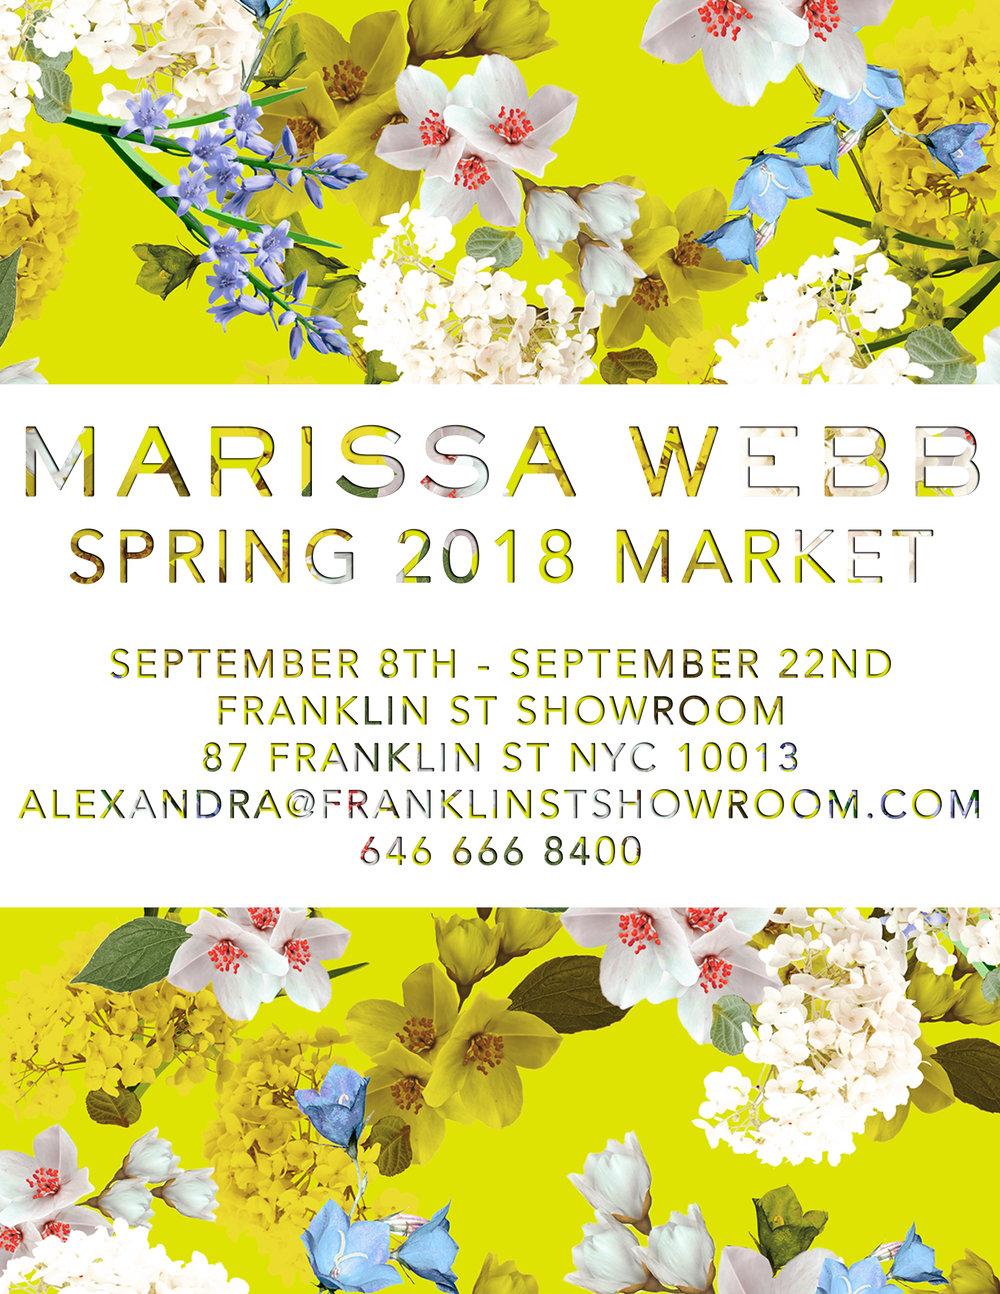 Marissa Webb SS18 Market Invite.jpg